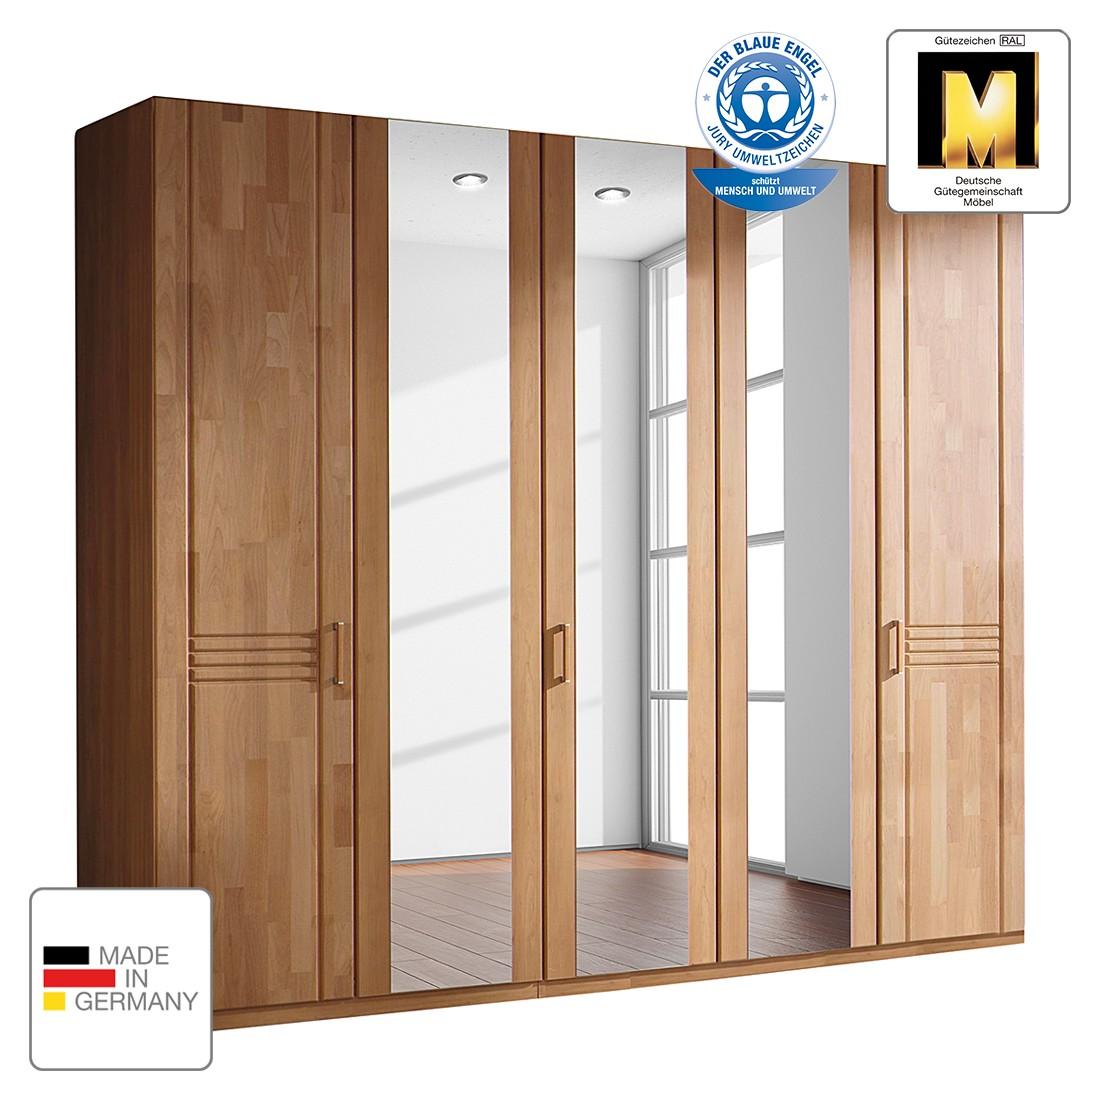 Armoire à portes battantes Savina - Aulne - 142 cm (3 portes) - 1 porte avec miroir - Sans cadre pas